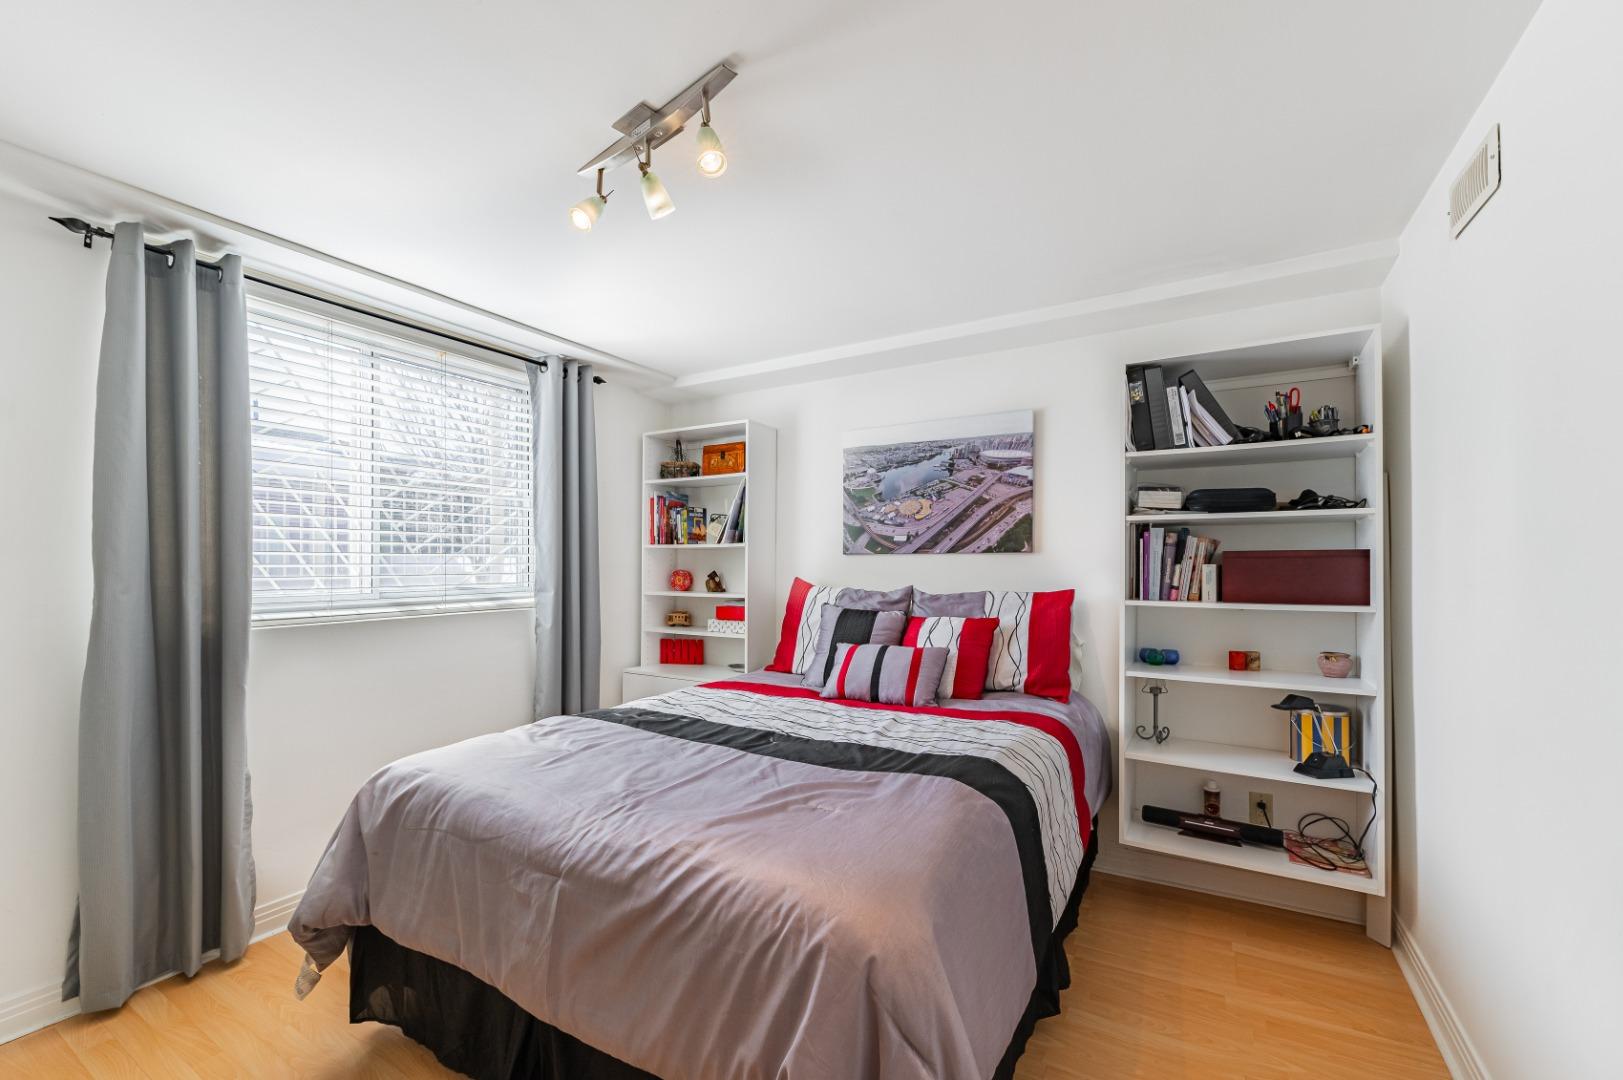 Maison_à_vendre-682_Av_Mondor-Laval-GL(17)-.jpg